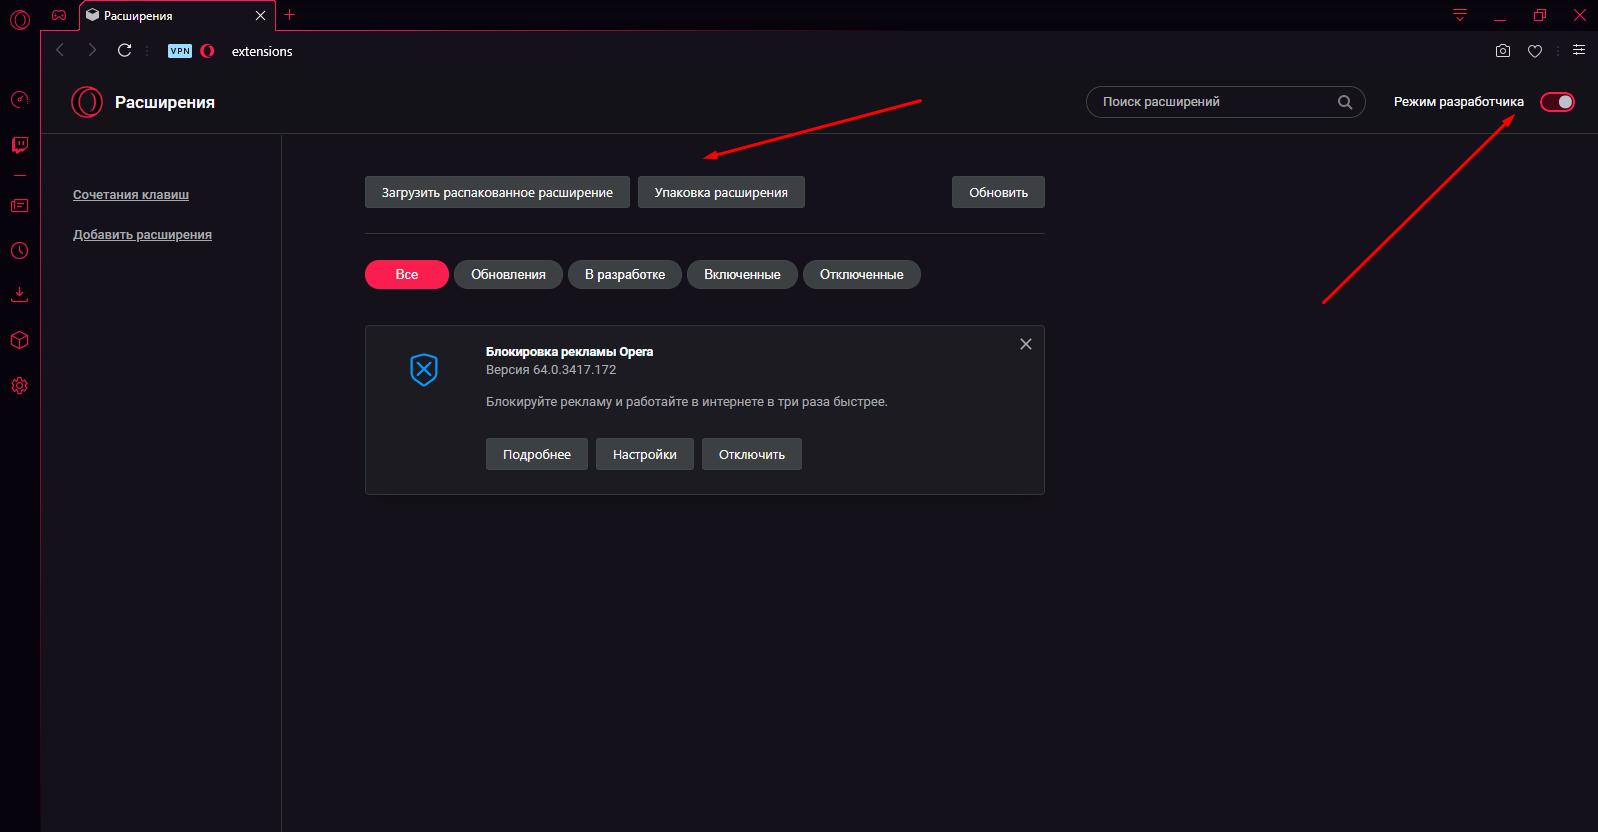 Включение режима разработчика через раздел с расширениями Opera GX